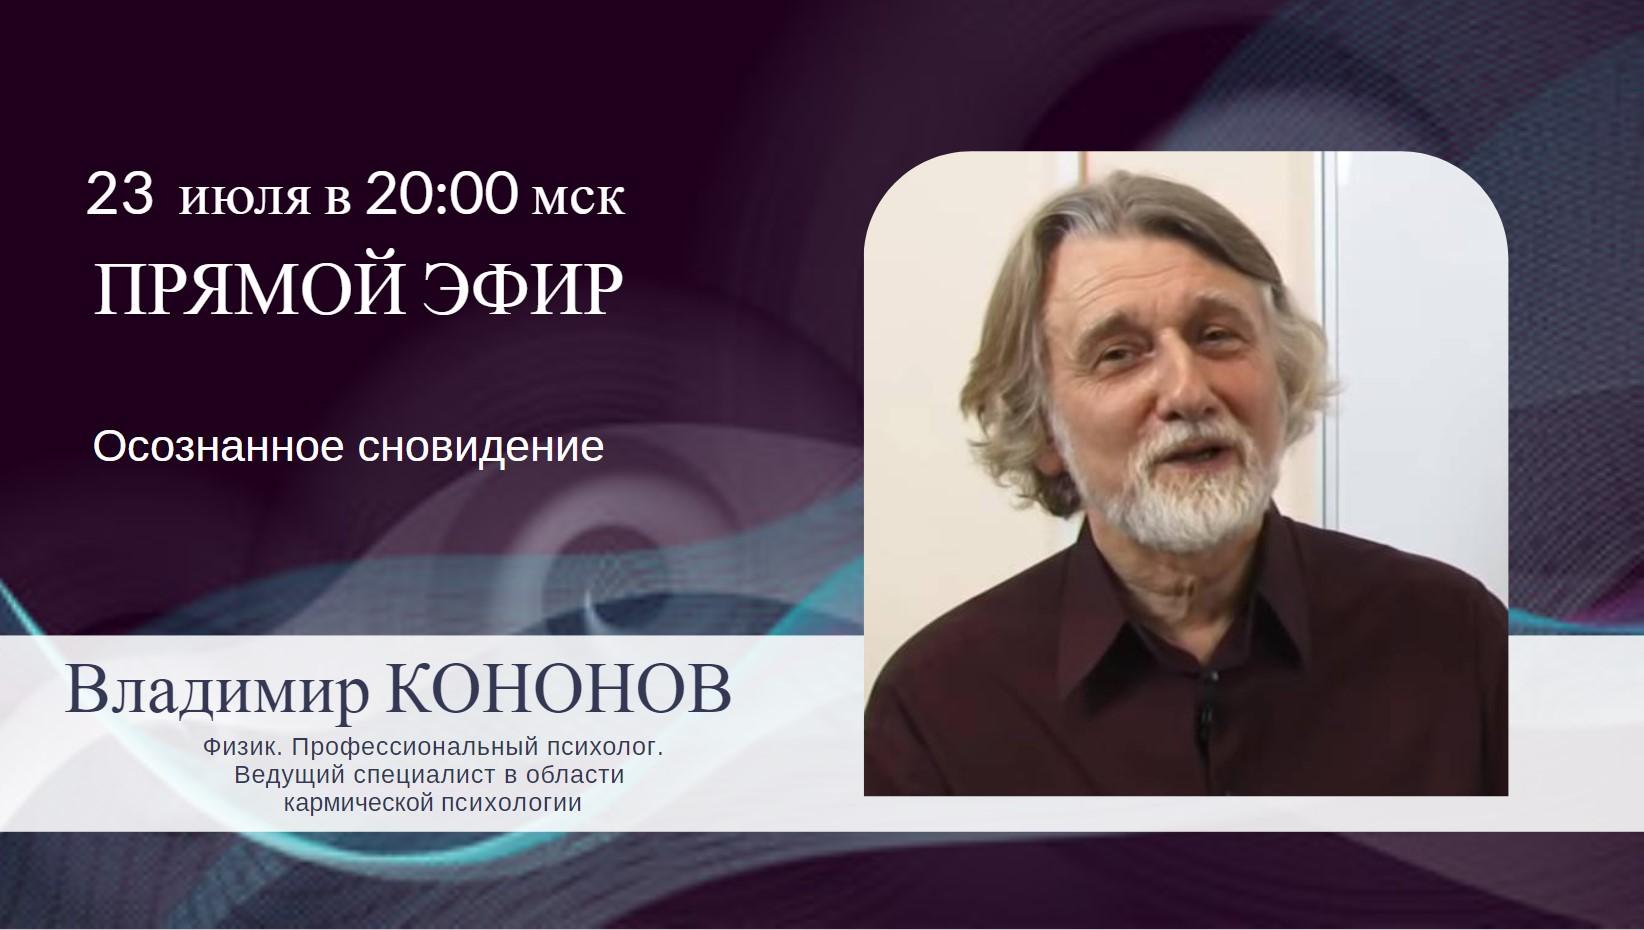 Прямой эфир с Владимиром Кононовым